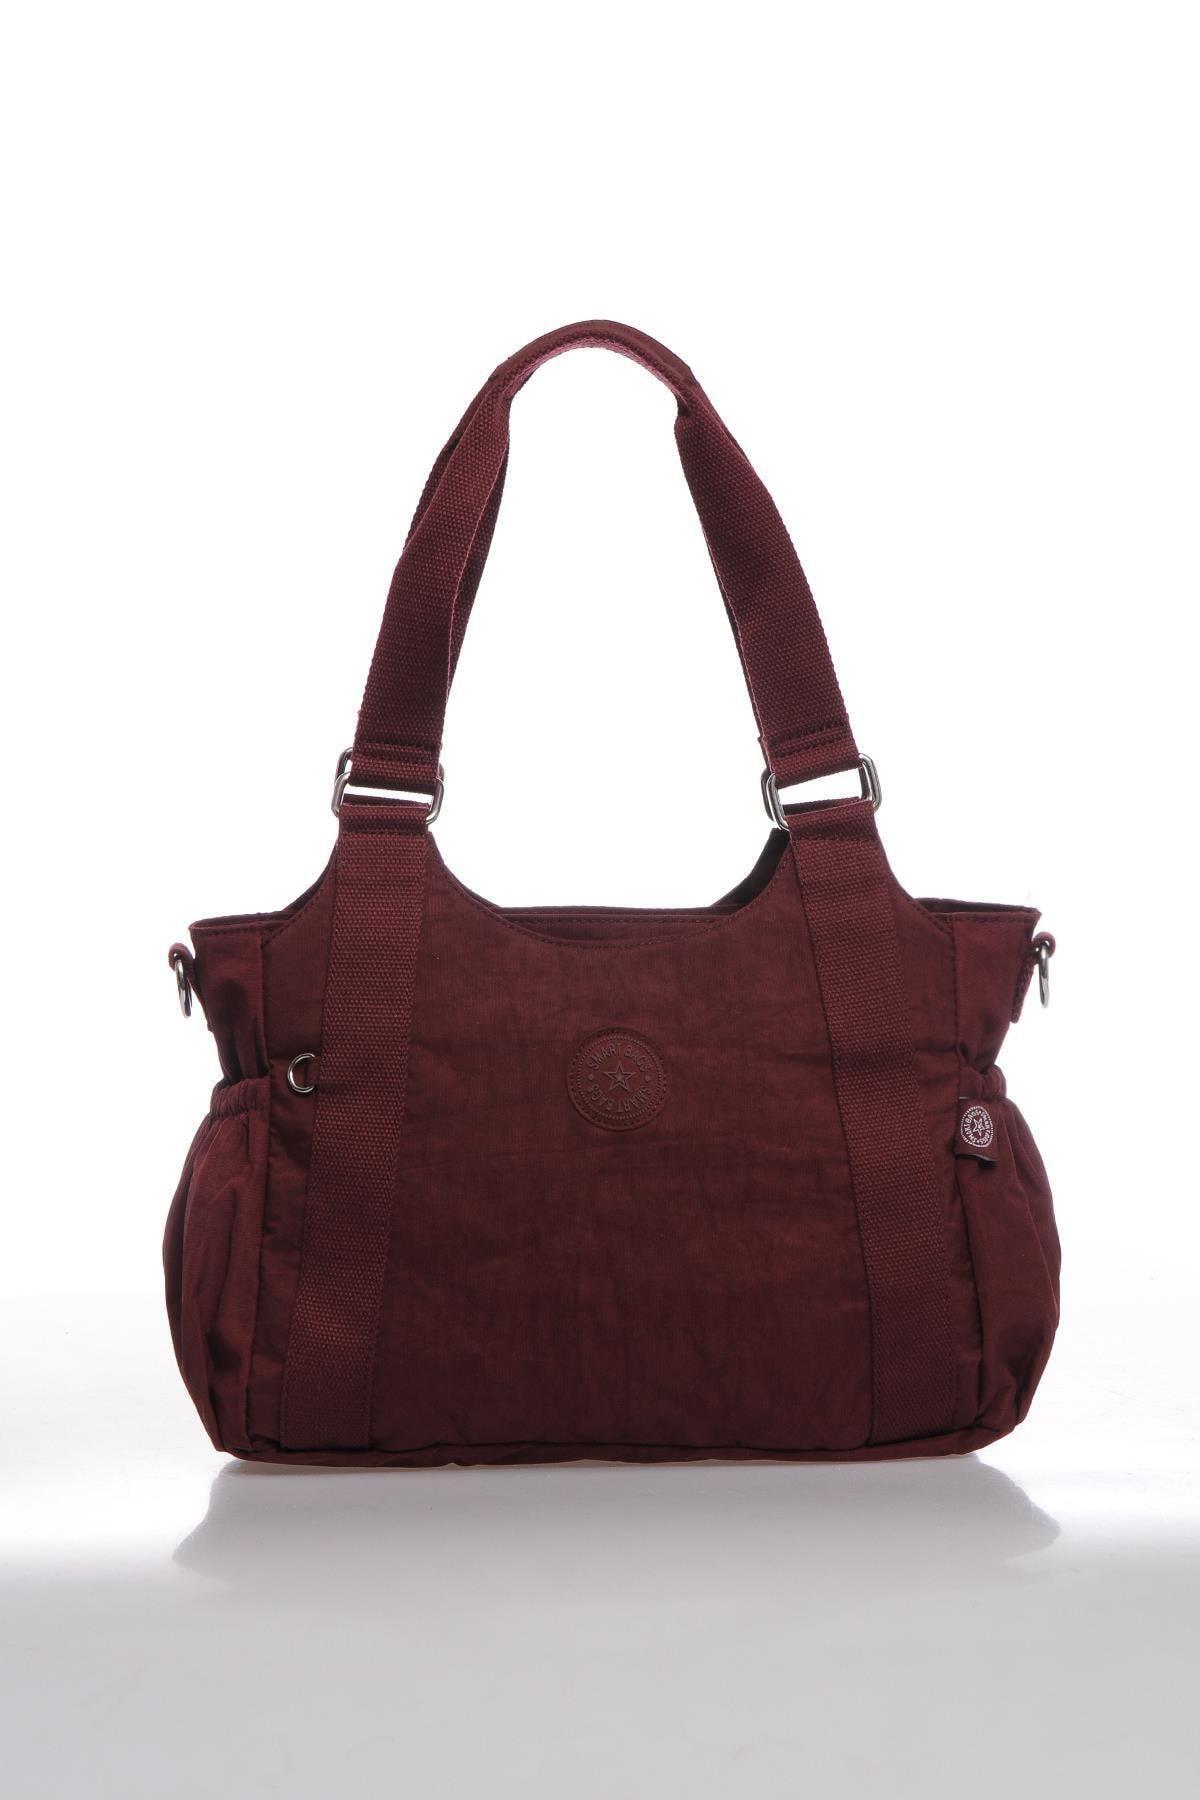 SMART BAGS Smbk1163-0021 Bordo Kadın Omuz Çantası 1